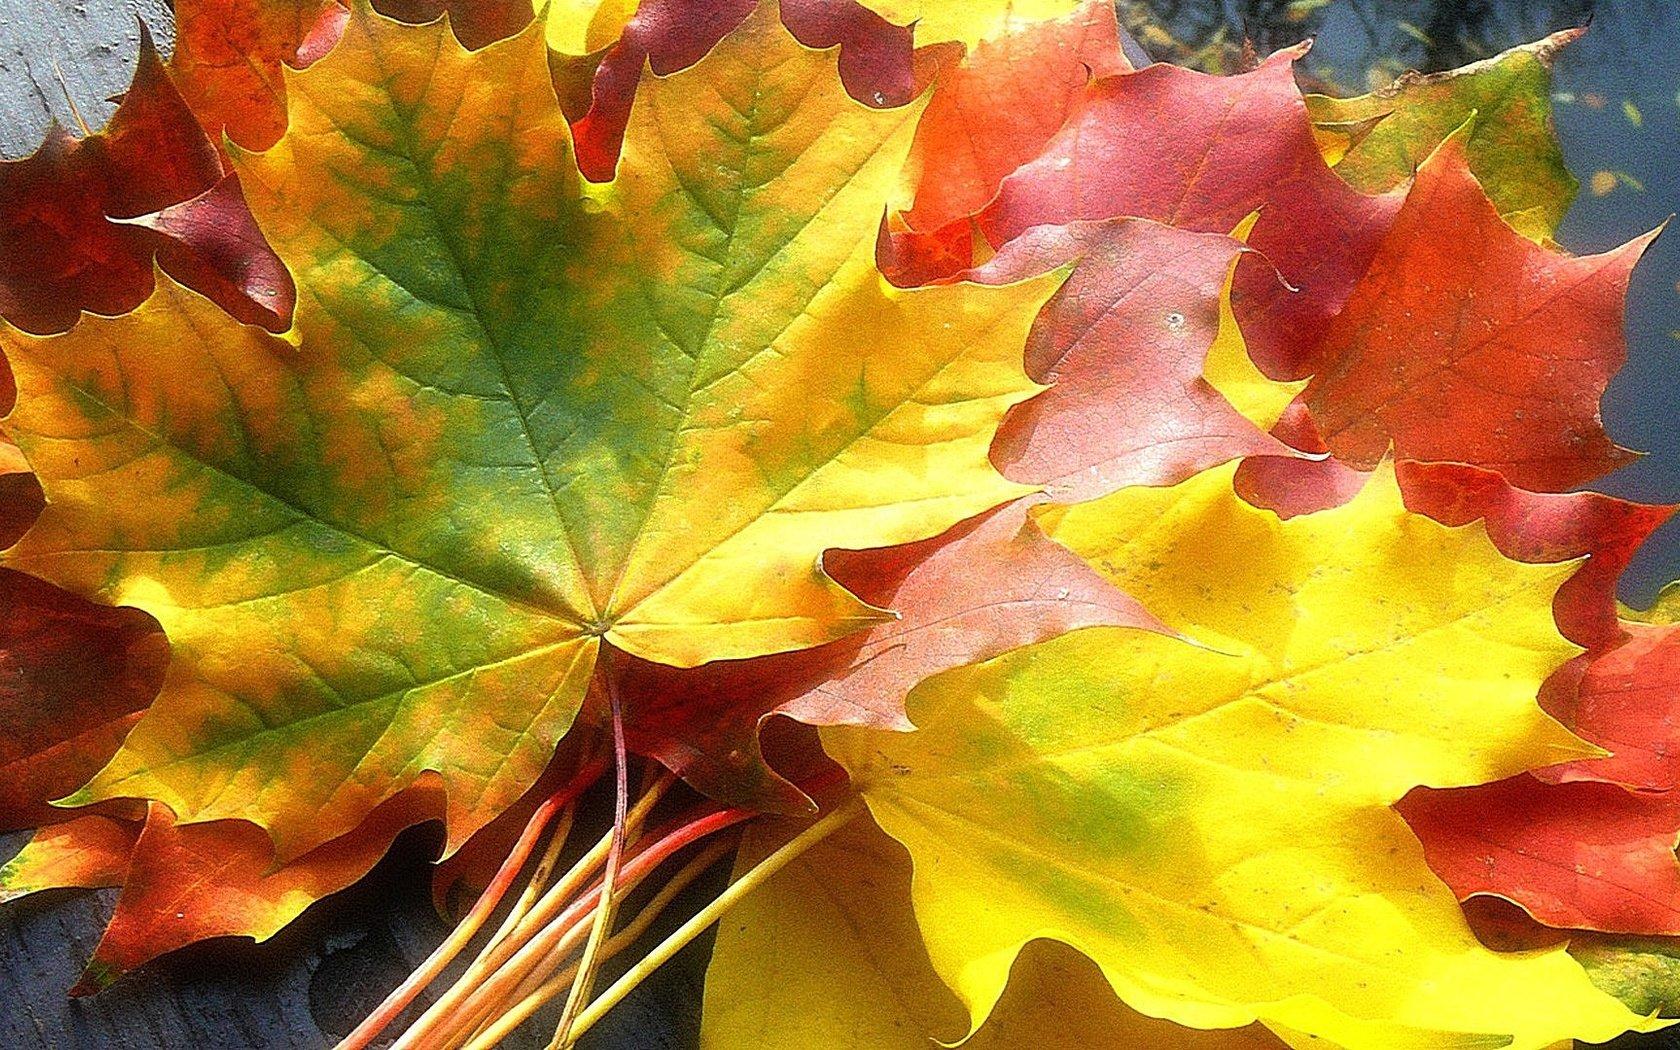 Картинки осени кленовый лист